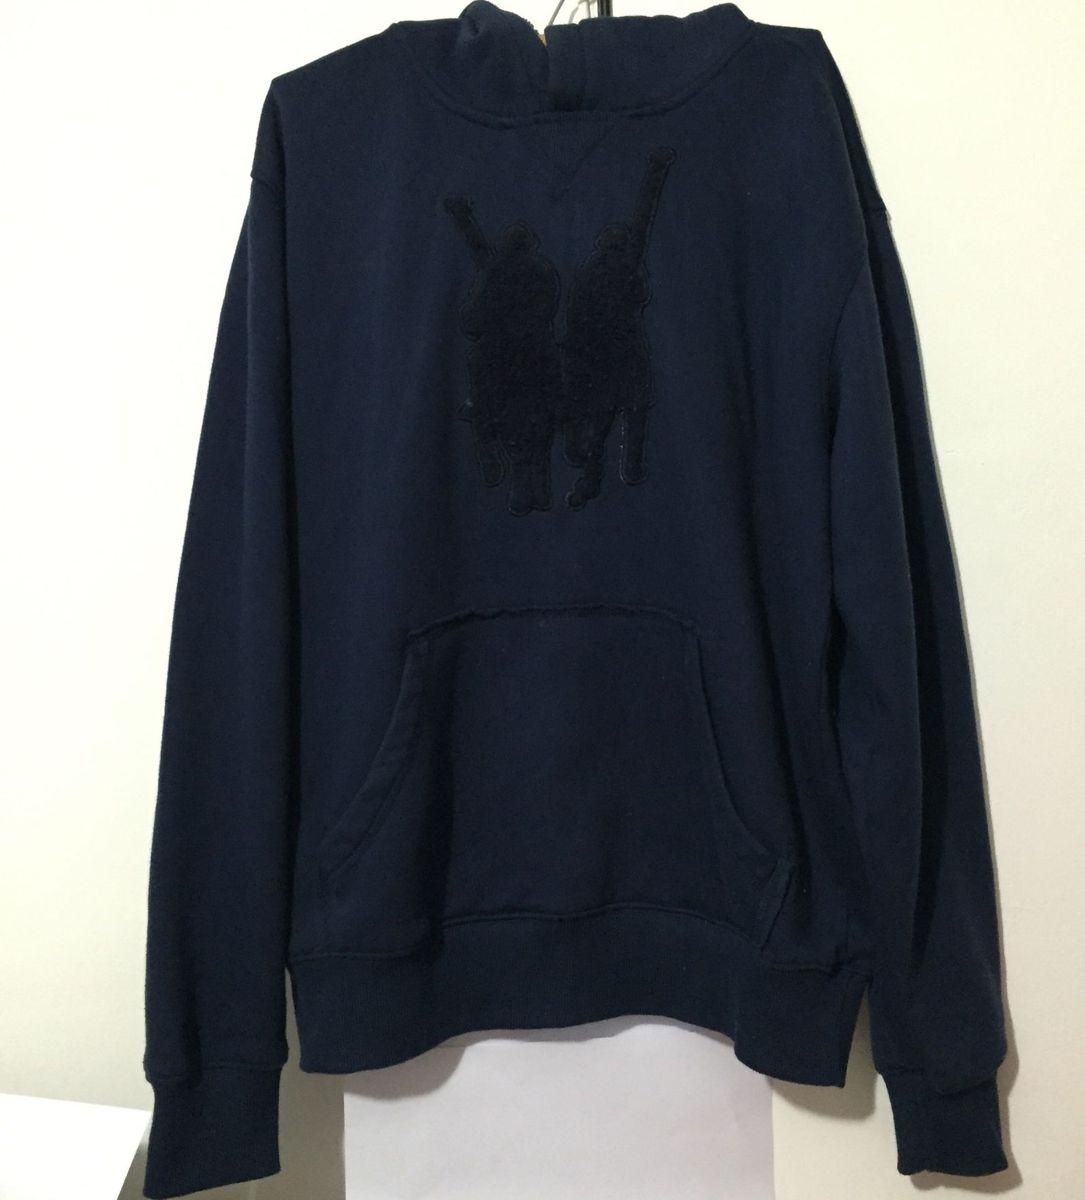 00fb6e49ec73b blusa de frio polo wear - casacos polo wear.  Czm6ly9wag90b3muzw5qb2vplmnvbs5ici9wcm9kdwn0cy8xmdkxmdi3l2zhzjkxnmvjntk1nzq5nzzknde5zteynjvlymrlngeylmpwzw